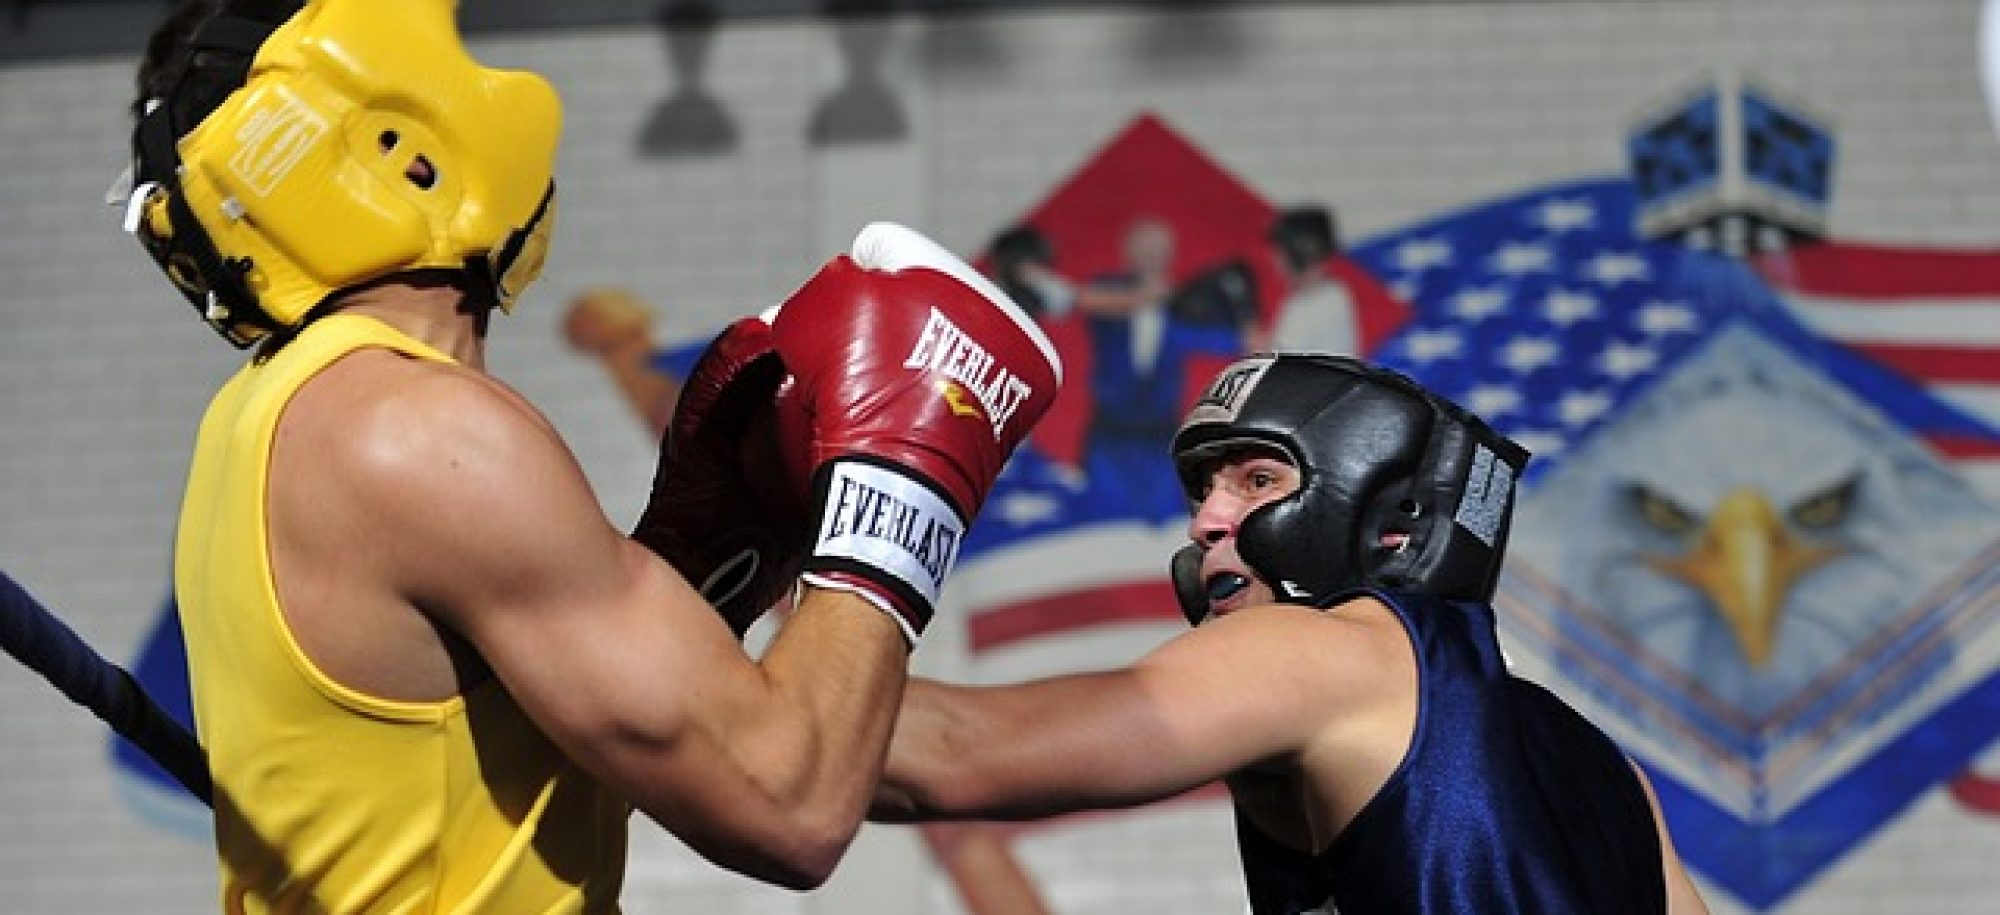 ボクシングで強くなる練習法・上達法を元ボクシングトレーナーが教えます。